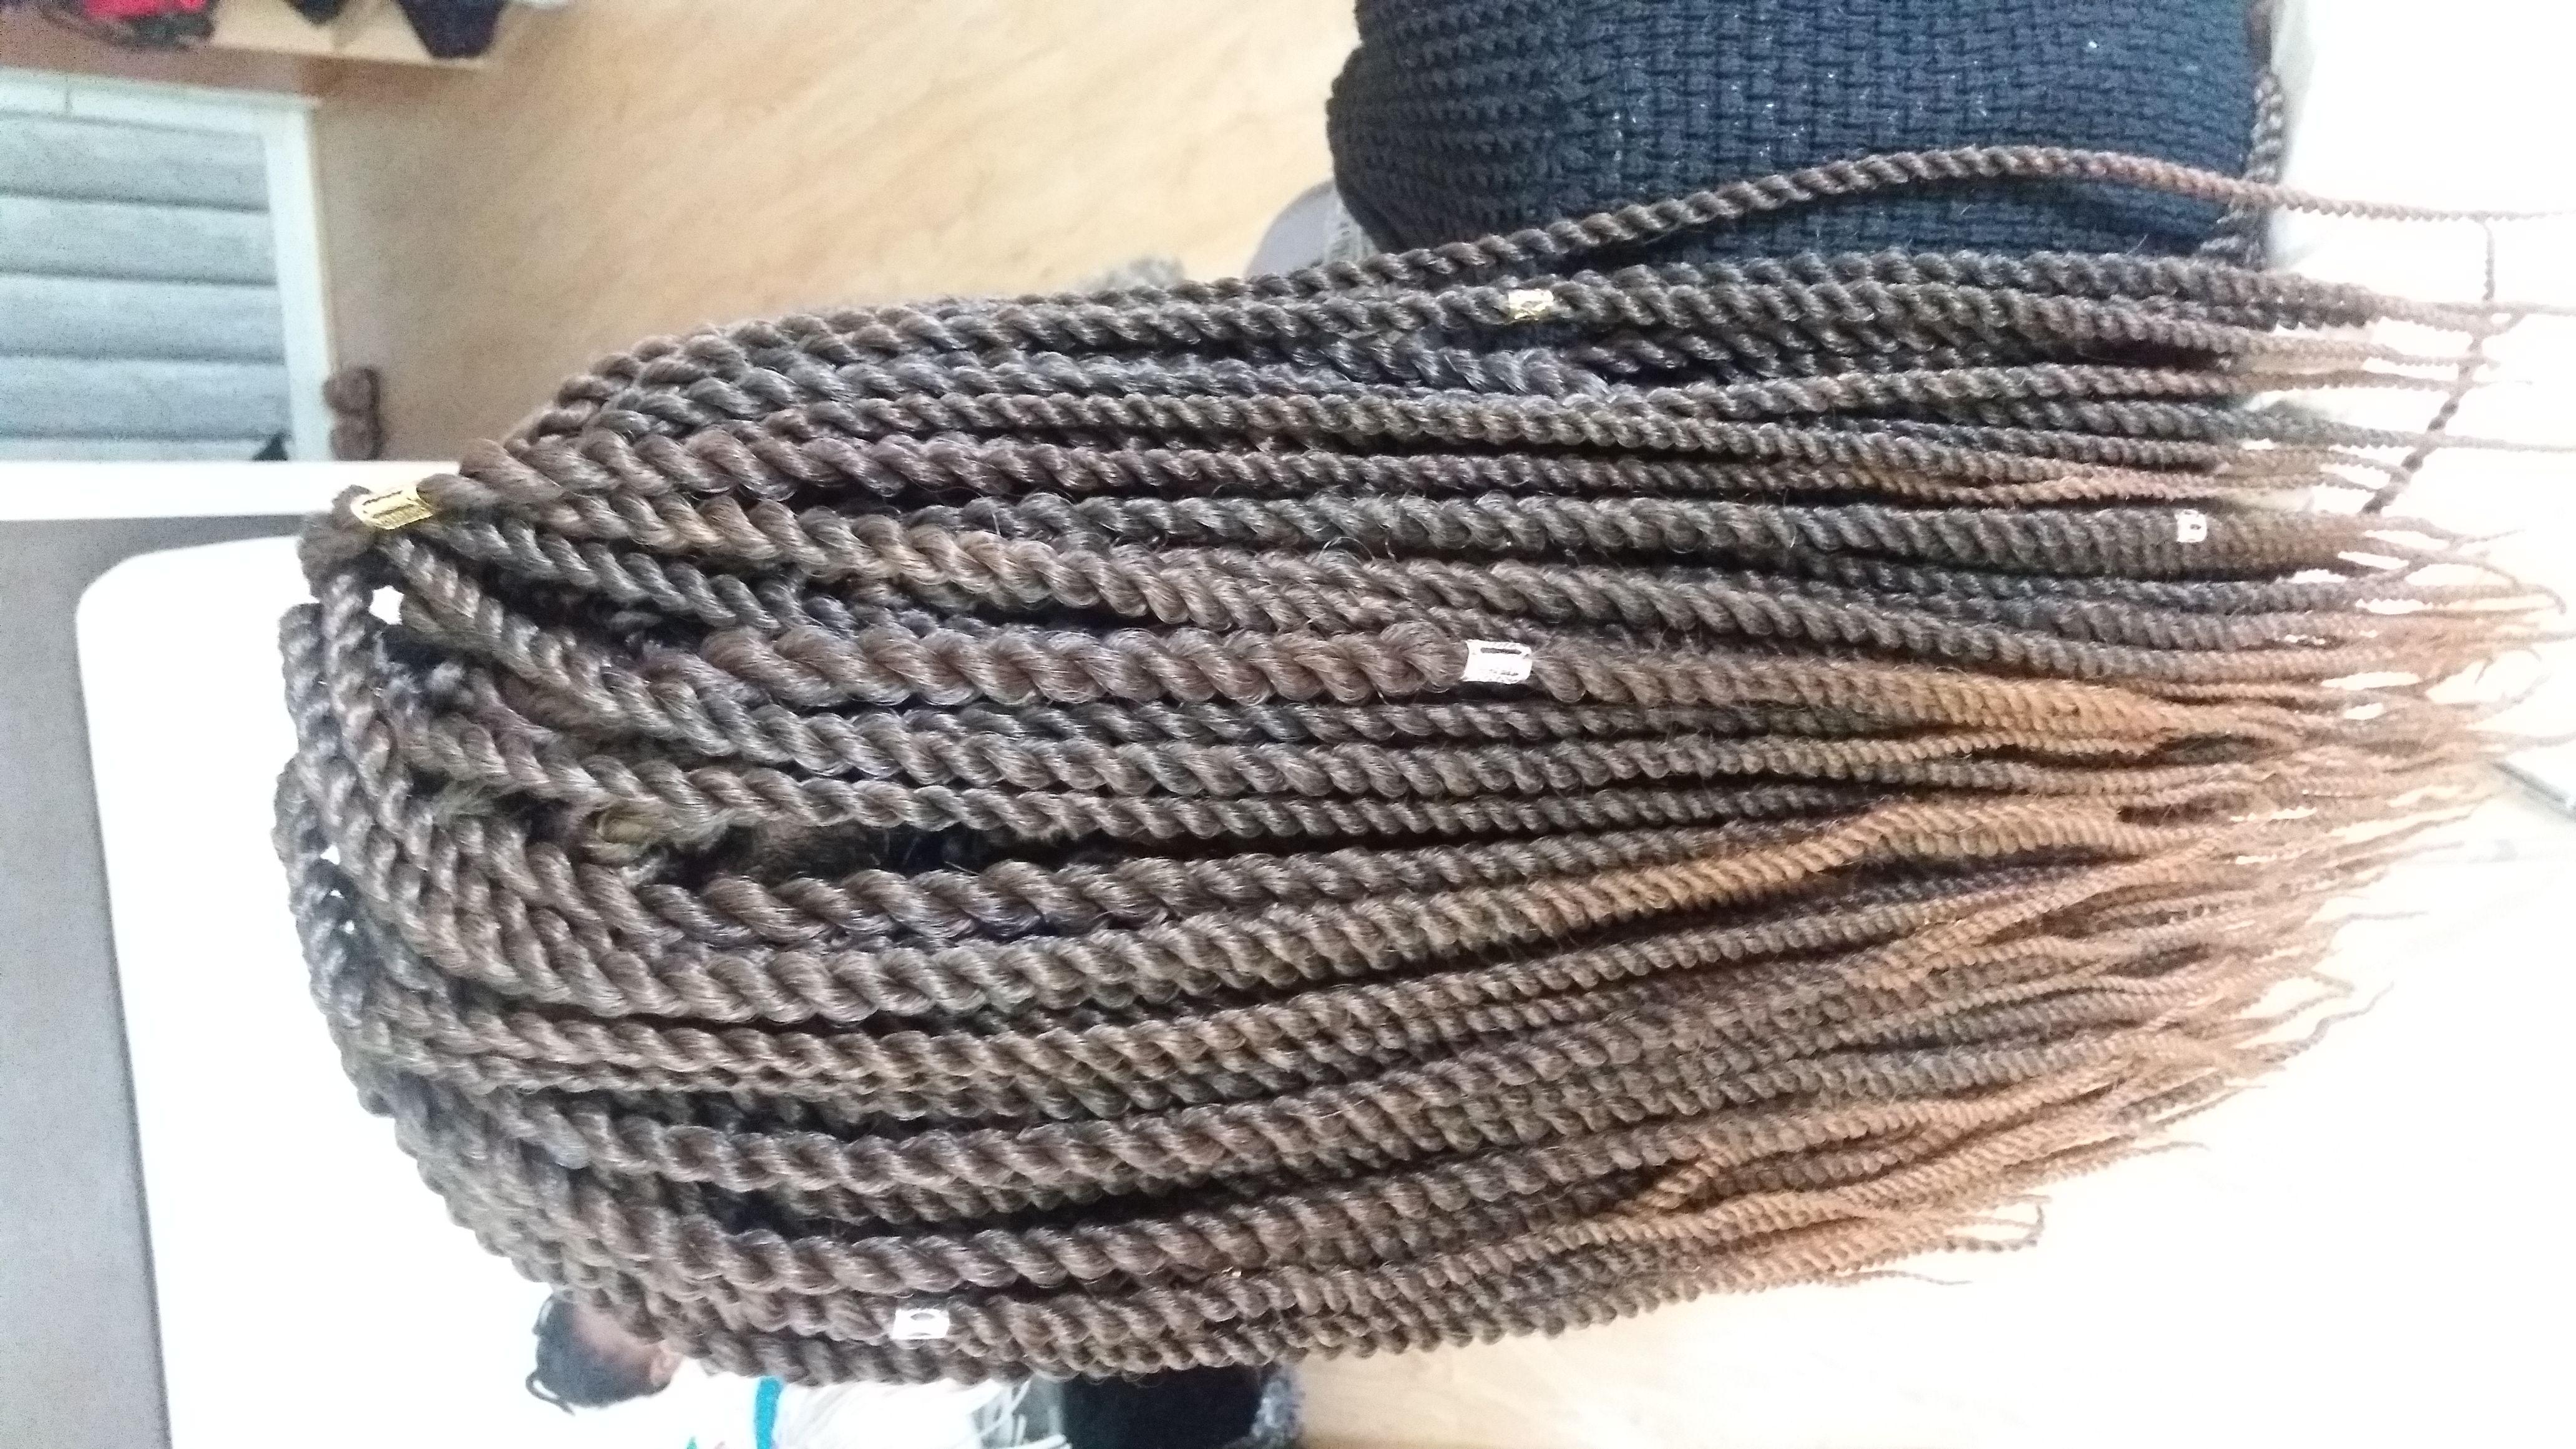 salon de coiffure afro tresse tresses box braids crochet braids vanilles tissages paris 75 77 78 91 92 93 94 95 VTFKFYRS